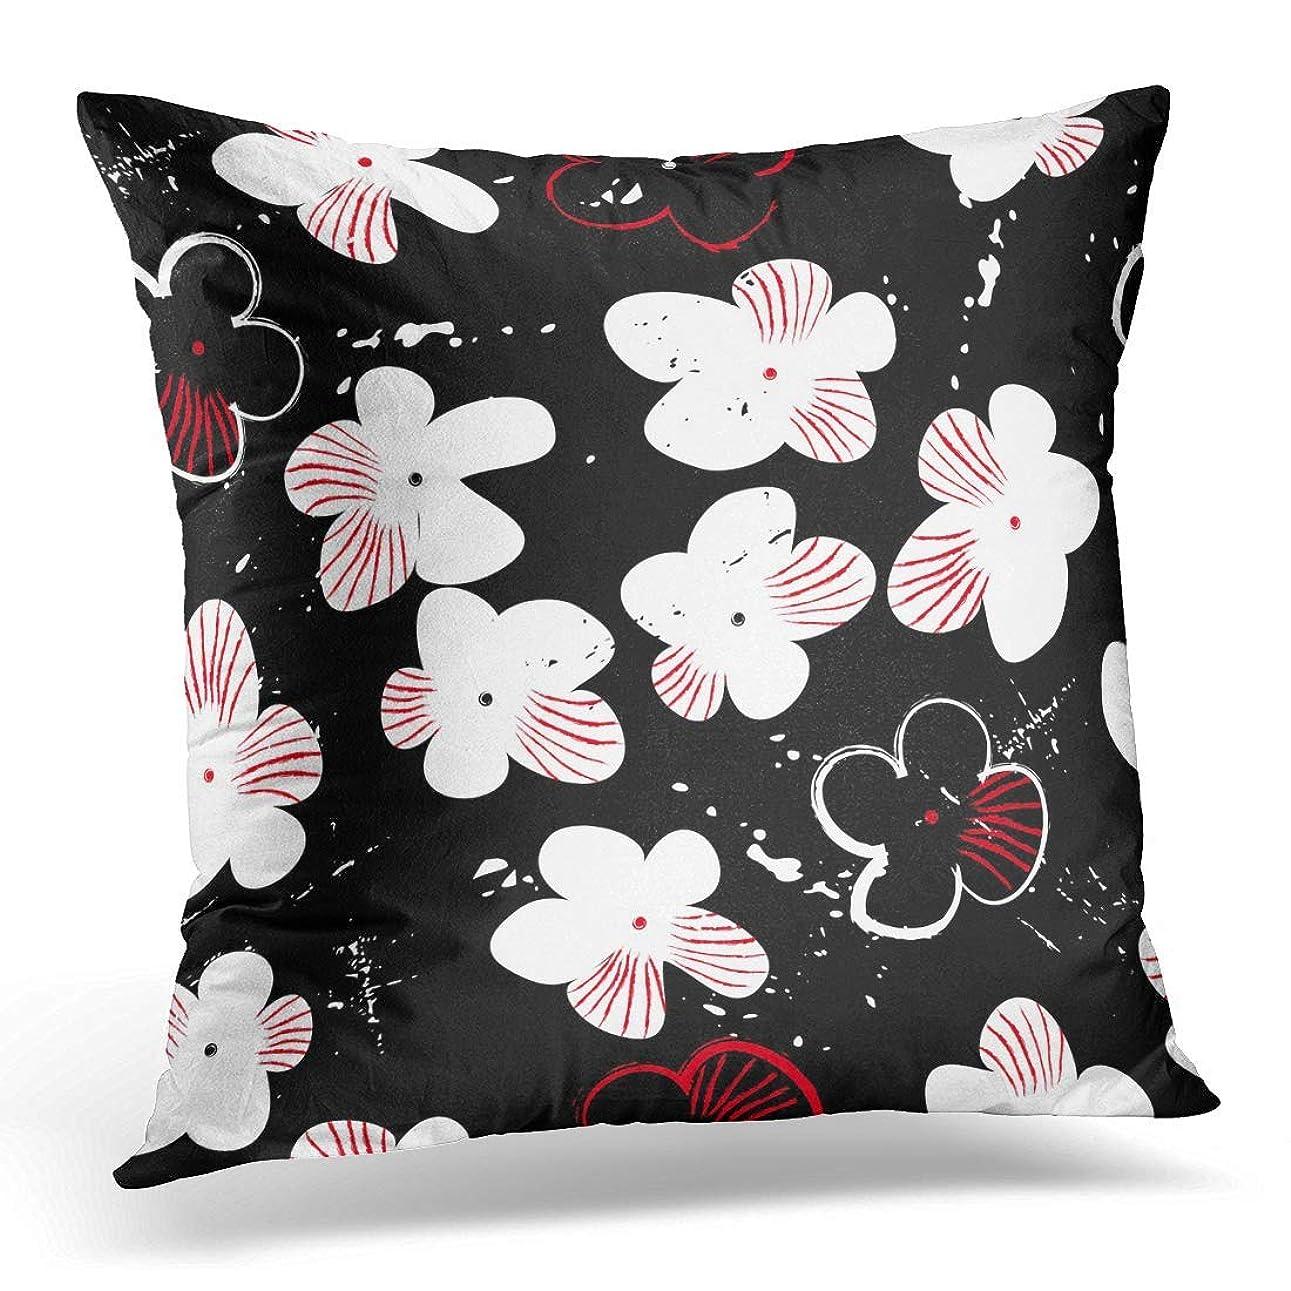 連続的絡み合いグラフィックAdlington枕枕カバー斑点を付けられた花および小さい花紫色のアールデコ枕カバー寝具枕カバー家の装飾18 x 18インチ